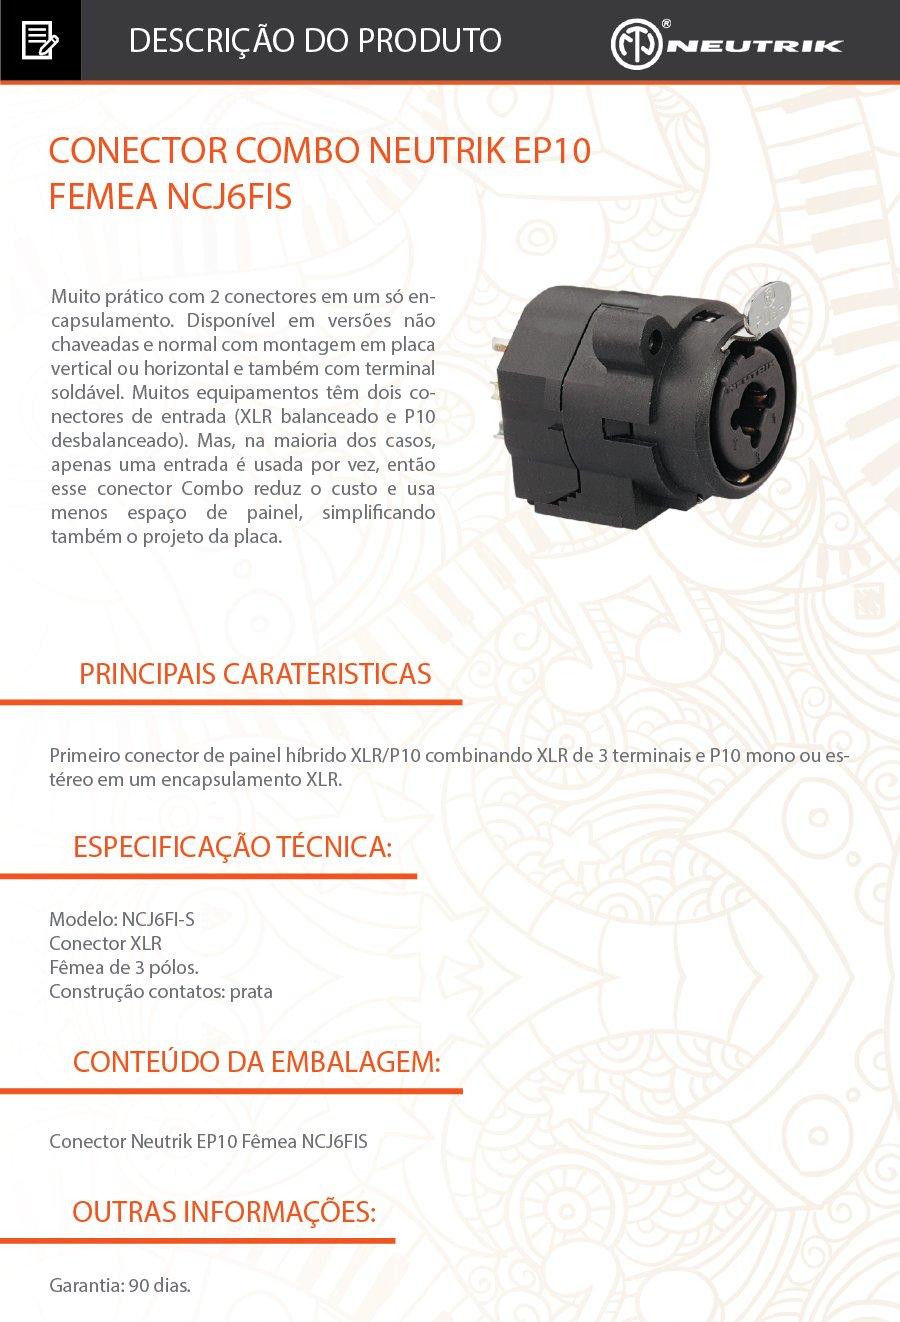 Conector Combo Neutrik EP10 Femea NCJ6FIS Conector combo de painel XLR fêmea/P10 (jack) estéreo de 3 pólos, corpo em plástico c/ trava, terminais para soldar, aceita conexões||nos padrões XLR macho ou plugue P10. Primeiro conector de painel híbrido XLR/P10 combinando XLR de 3 terminais e P10 mono ou estéreo em um encapsulamento XLR. Muito prático com 2 conectores em um só encapsulamento. Disponível em versões não chaveadas e normal com montagem em placa vertical ou horizontal e também com terminal soldável. Muitos equipamentos têm dois conectores de entrada (XLR balanceado e P10 desbalanceado). Mas, na maioria dos casos, apenas uma entrada é usada por vez, então esse conector Combo reduz o custo e usa menos espaço de painel, simplificando também o projeto da placa. .